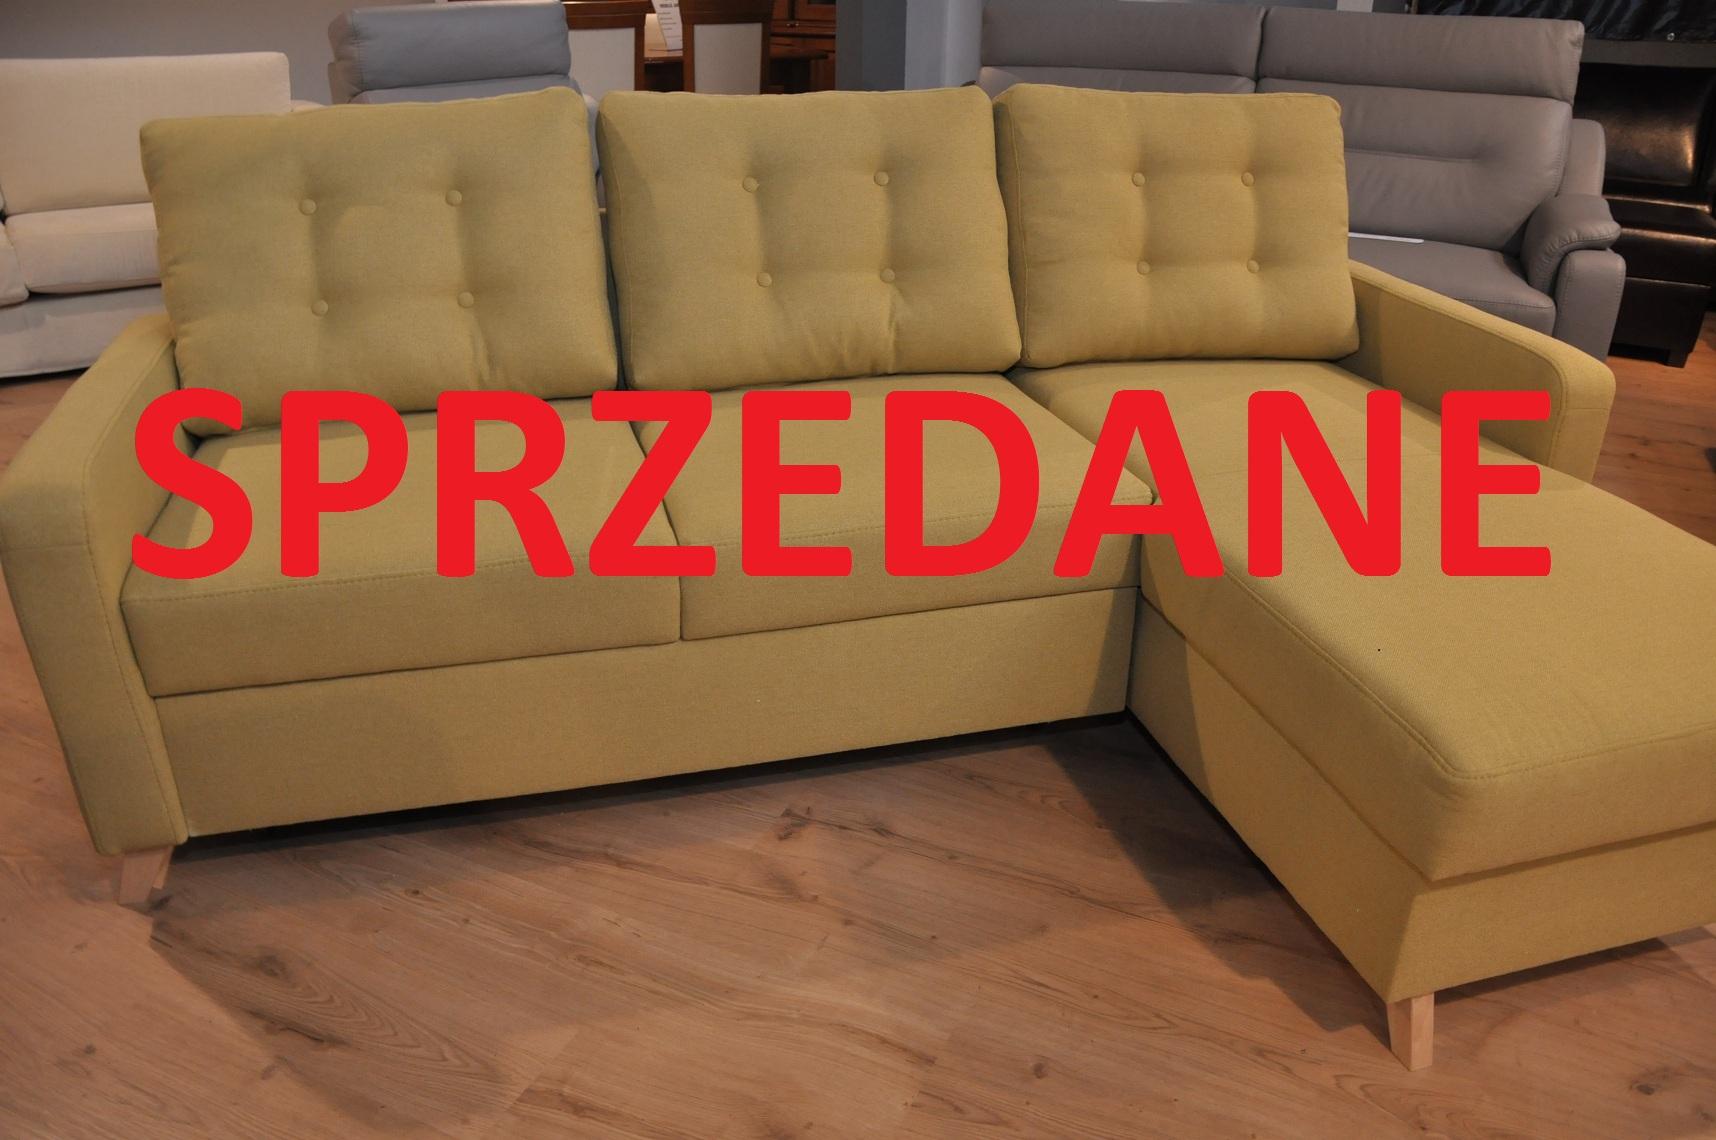 BOSCO Caya Design Warszawa STUDIO KOMFORT narożnik z funkcją spania i pojemnikiem tkanina Mostar 2890 od TOP TEXTIL SPRZEDANE